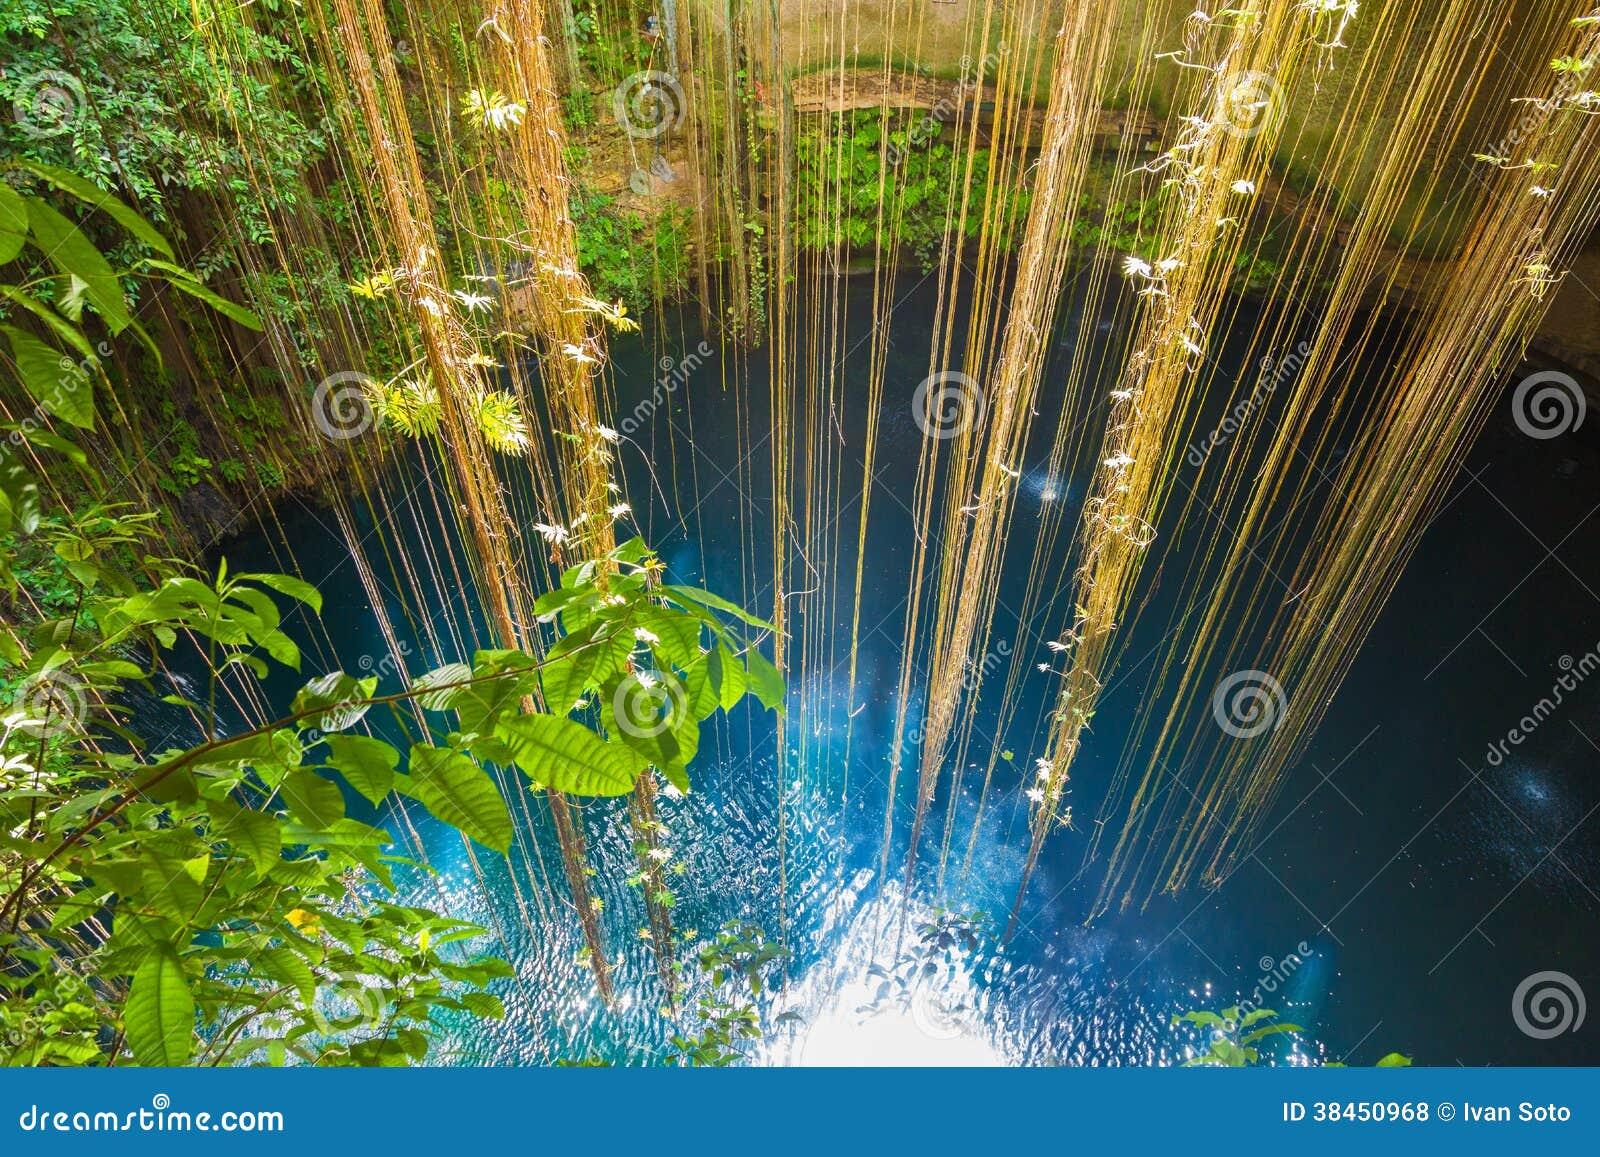 Ik kil cenote near chichen itza mexico royalty free Chichen itza mexico natural swimming pool